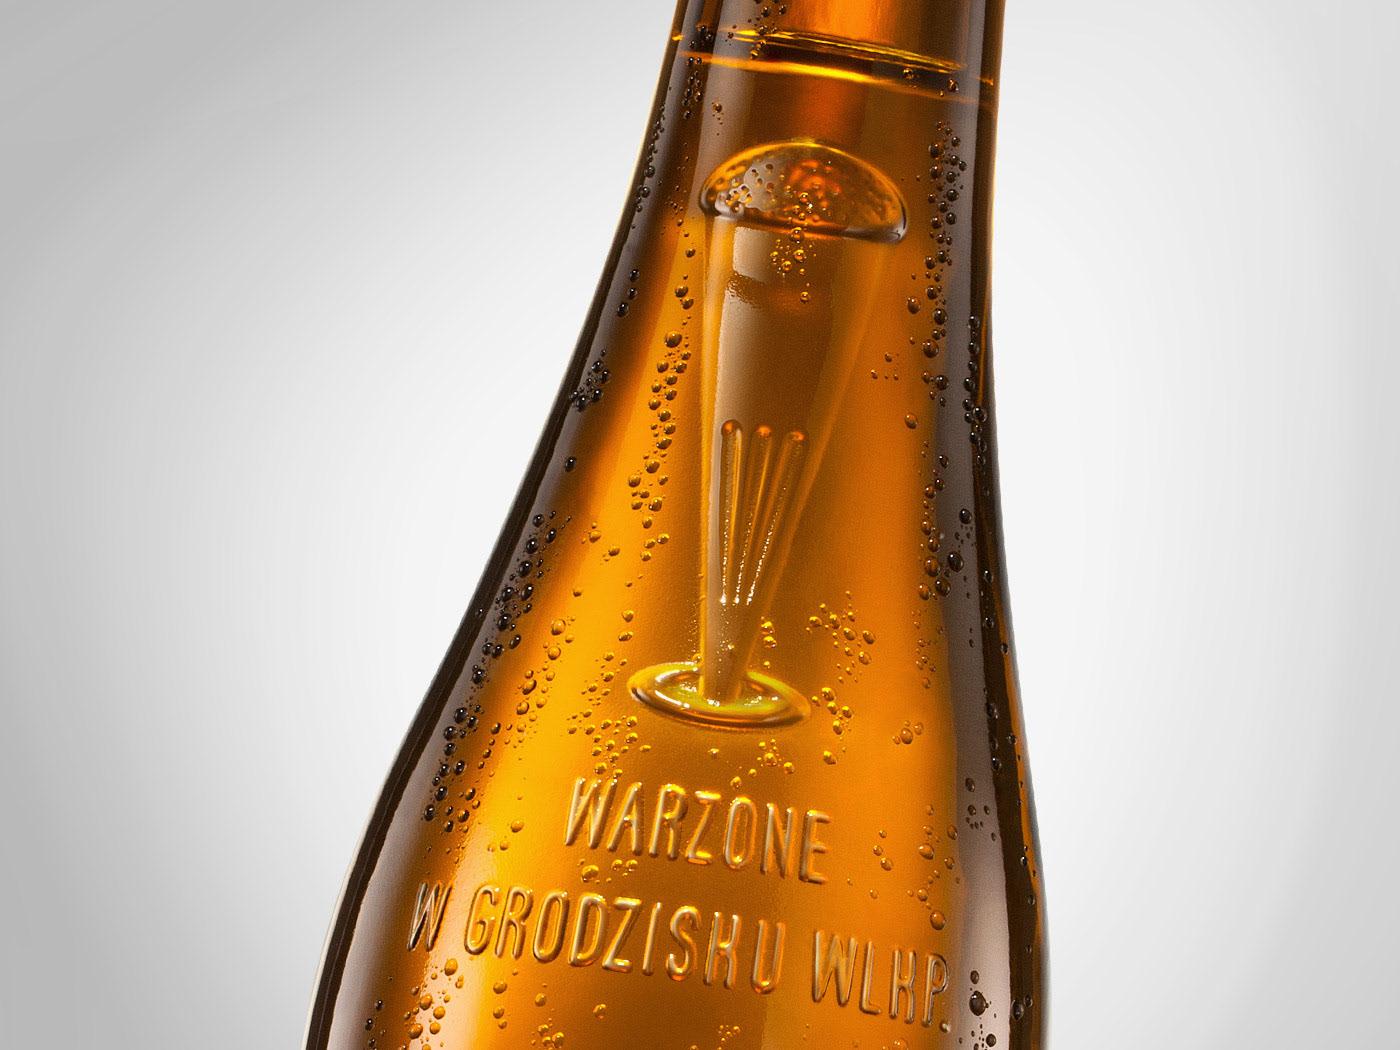 Brewery from Grodzisk Wielkopolski